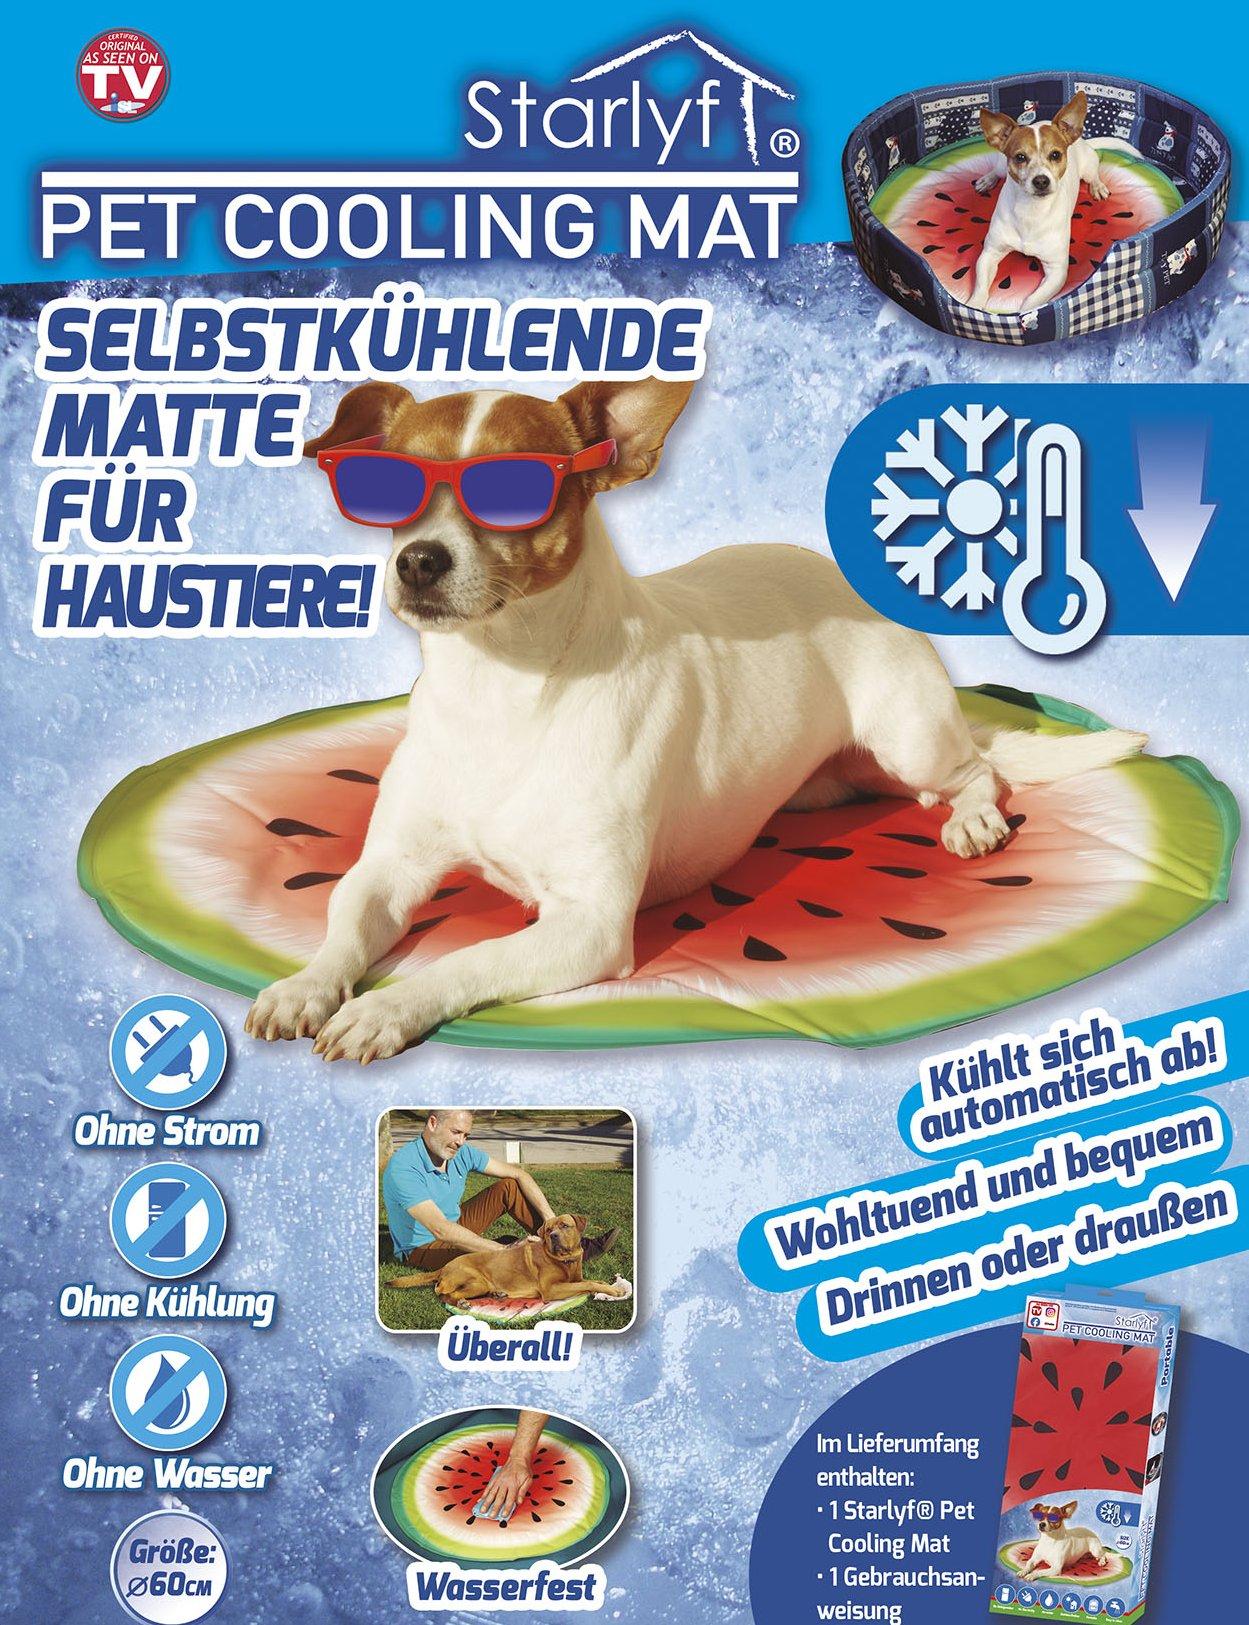 Pet Cooling Mat - Die selbstkühlende Matte für Haustiere